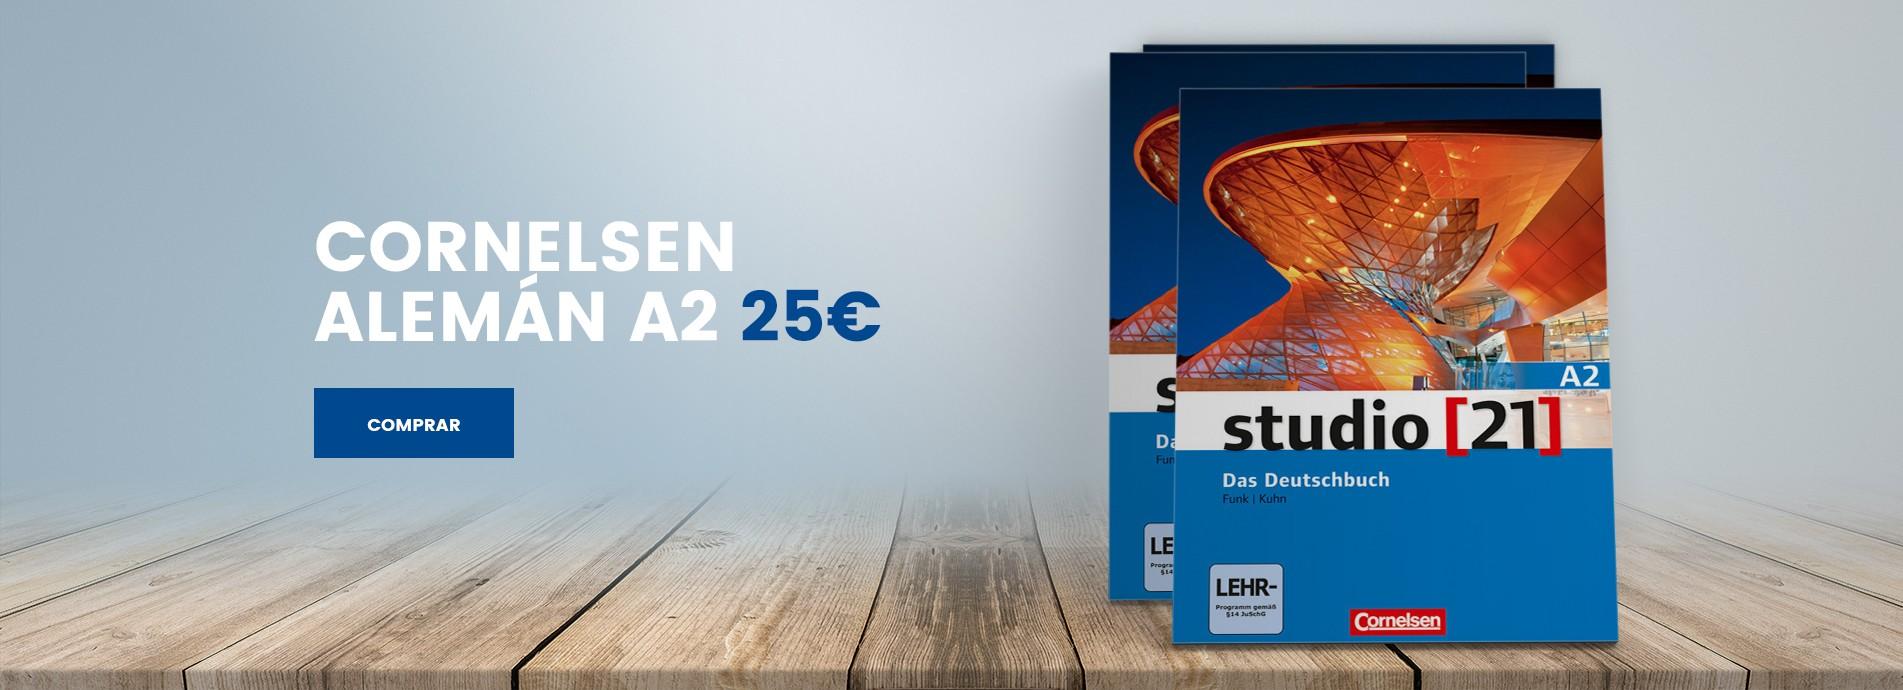 Cornelsen Alemán A2